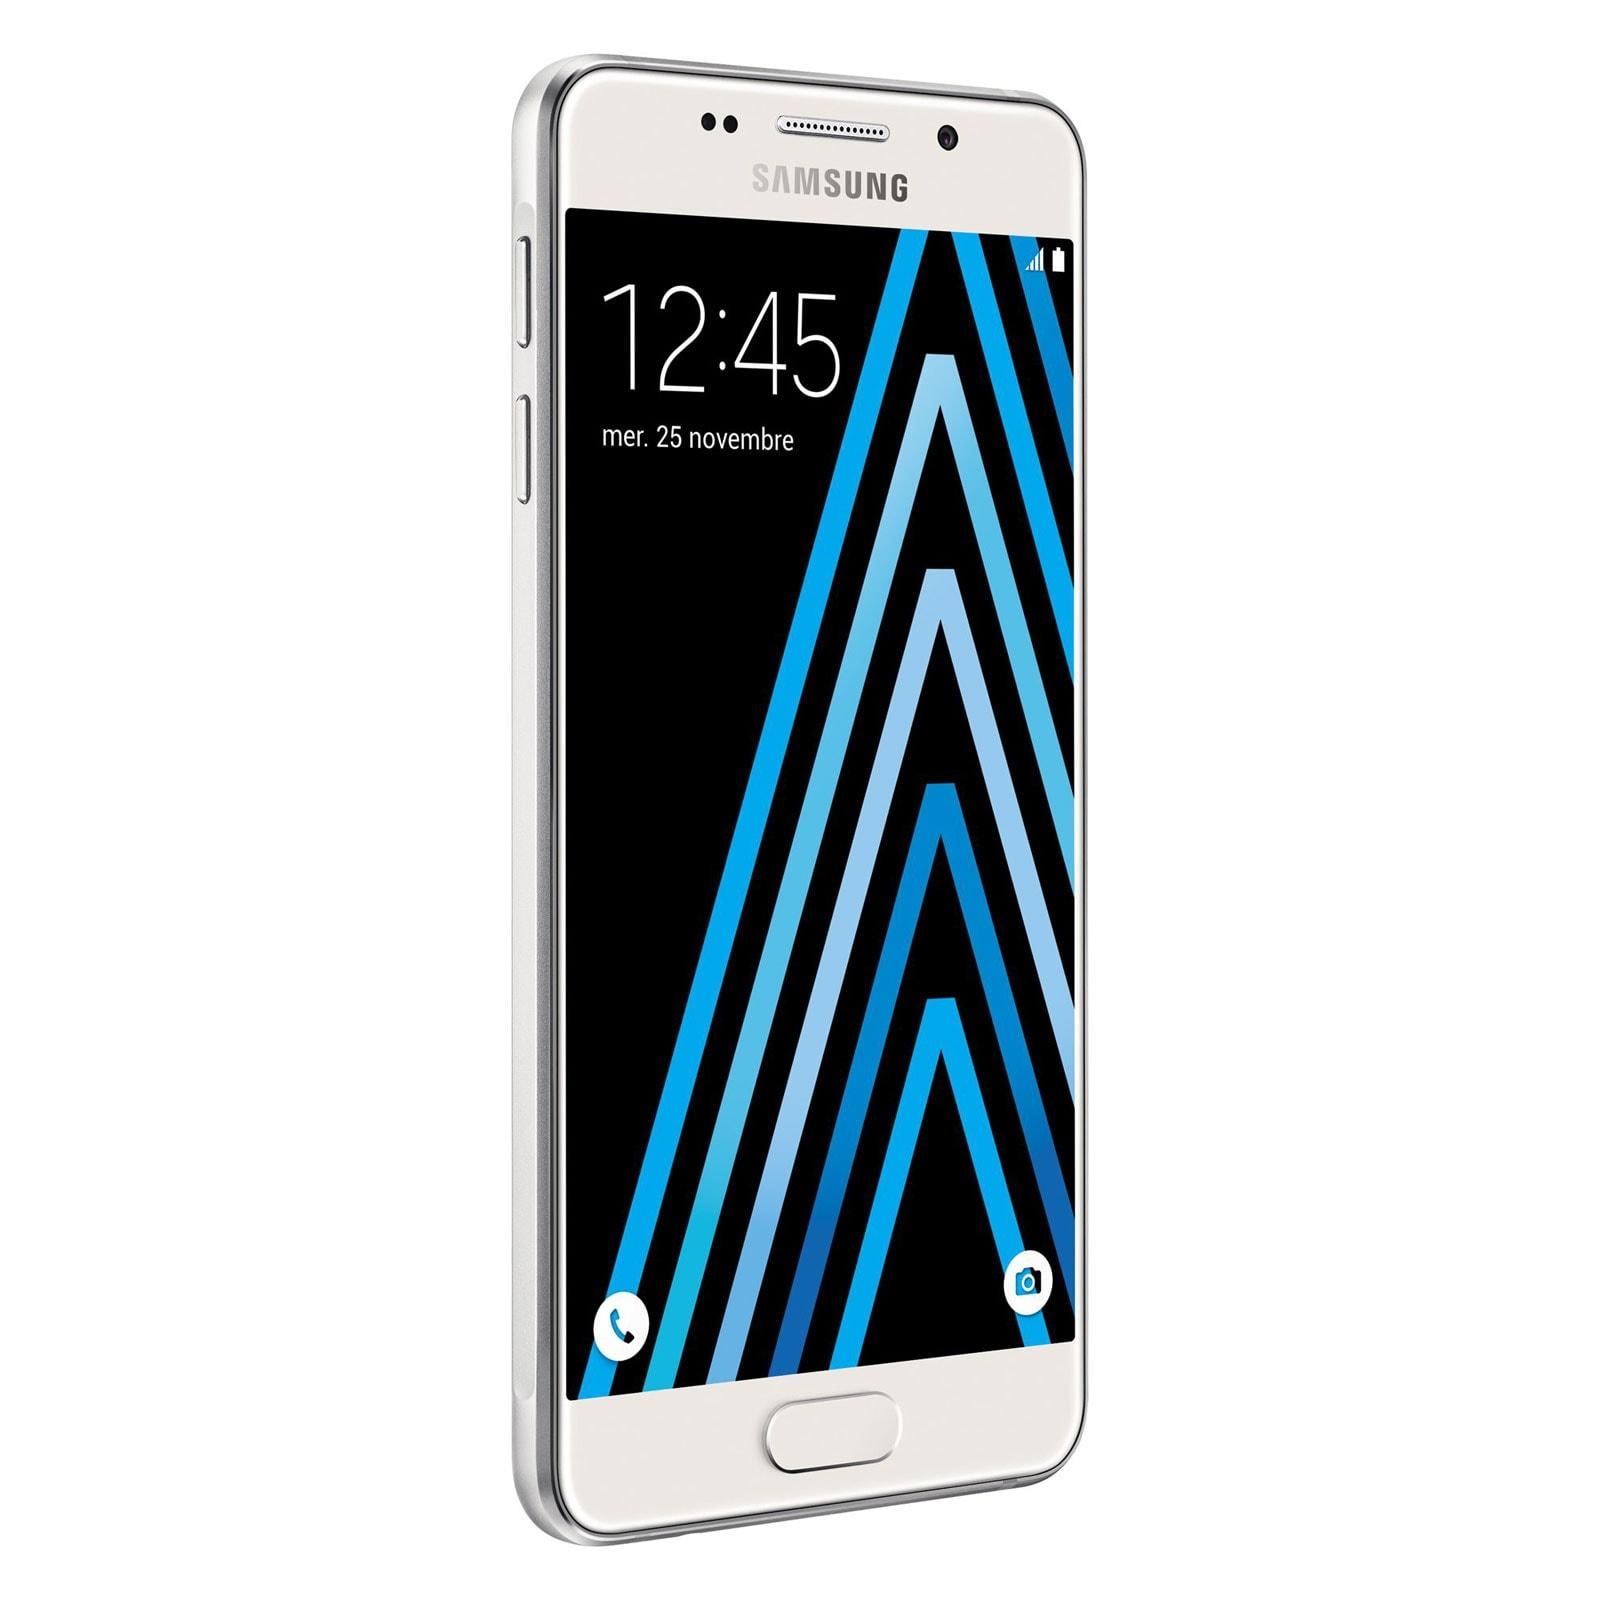 Samsung Galaxy A3 (2016) 16Go A310F White (SM-A310FZWAXEF) - Achat / Vente Téléphonie sur Cybertek.fr - 0